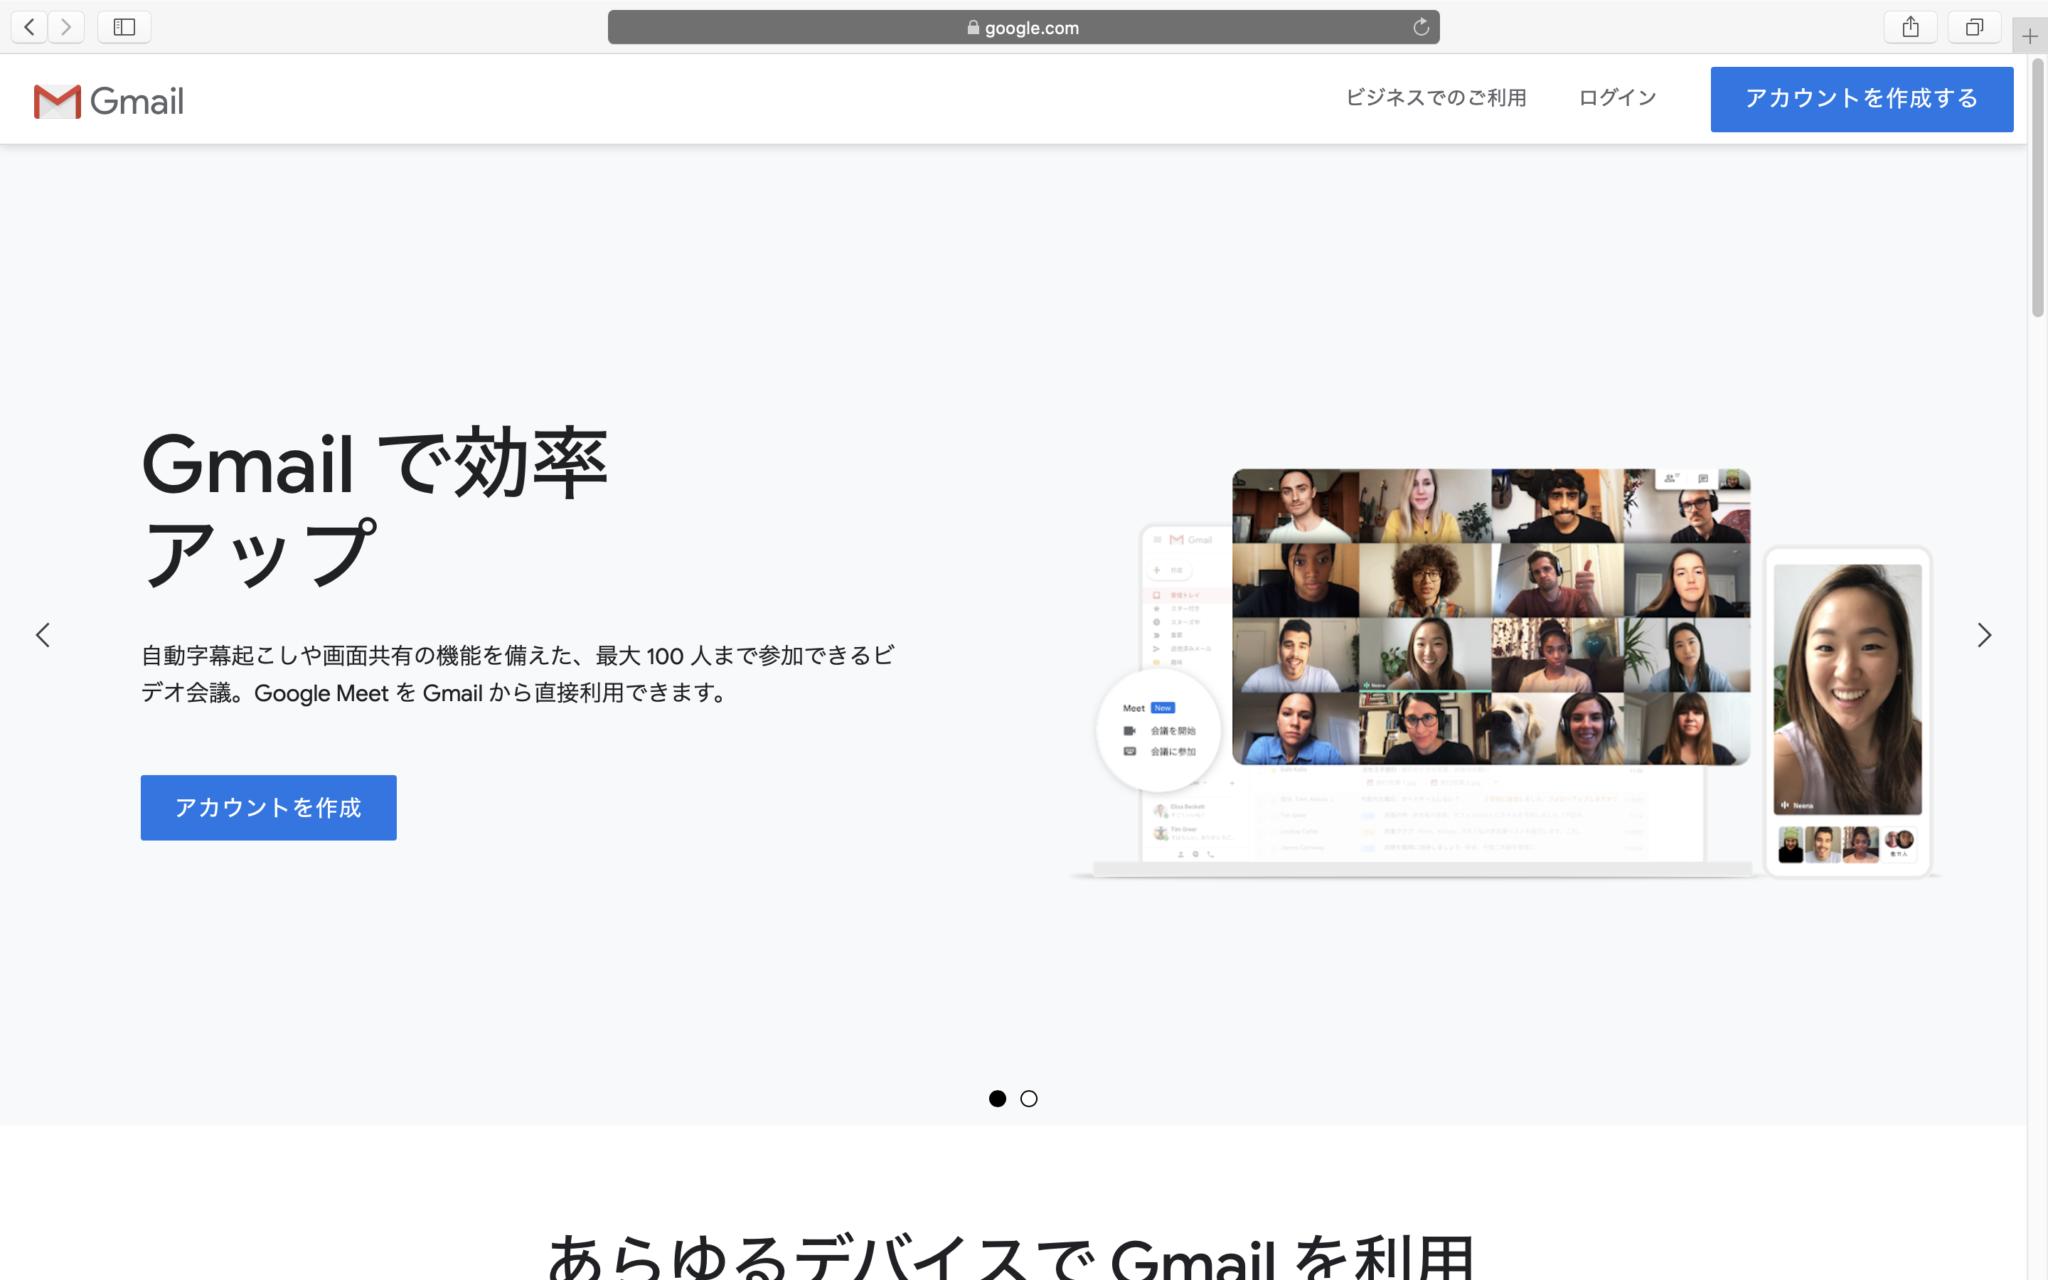 Gmailスタート画面